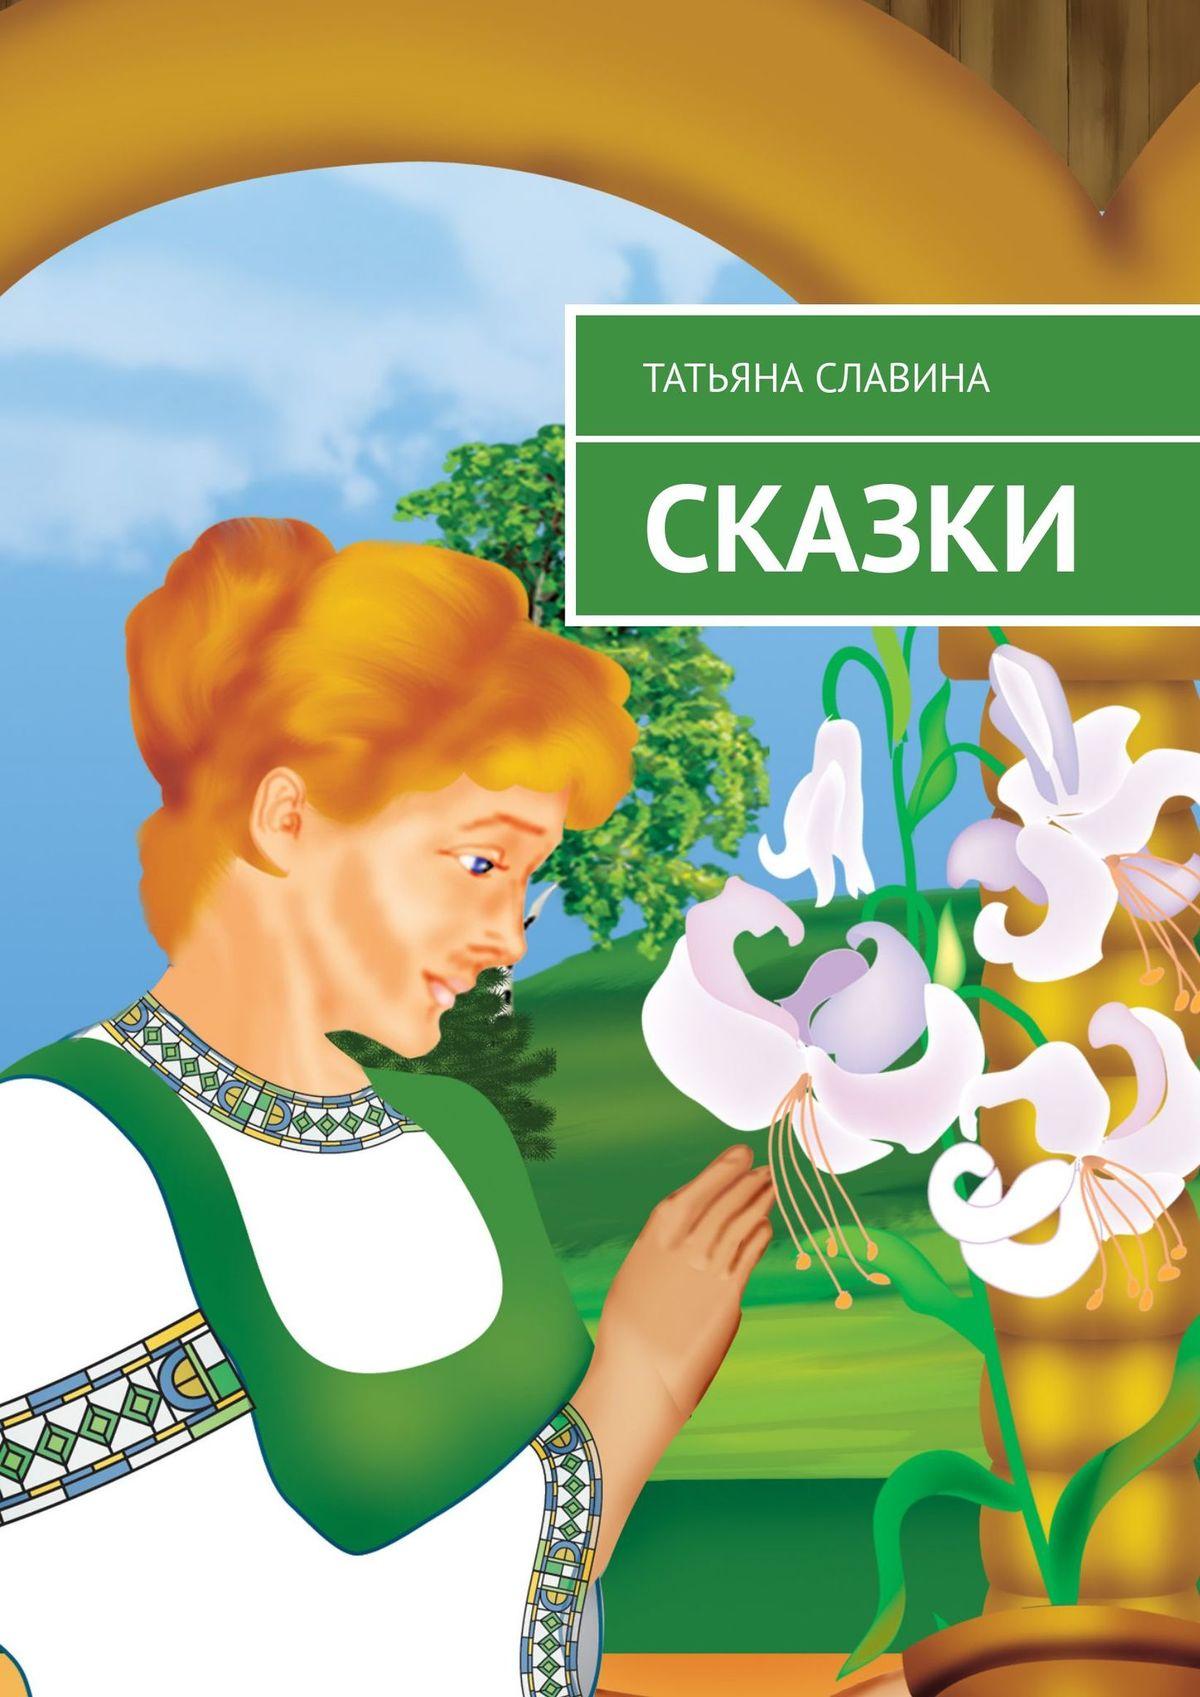 Татьяна Славина Сказки татьяна славина черный дар наследник старого колдуна